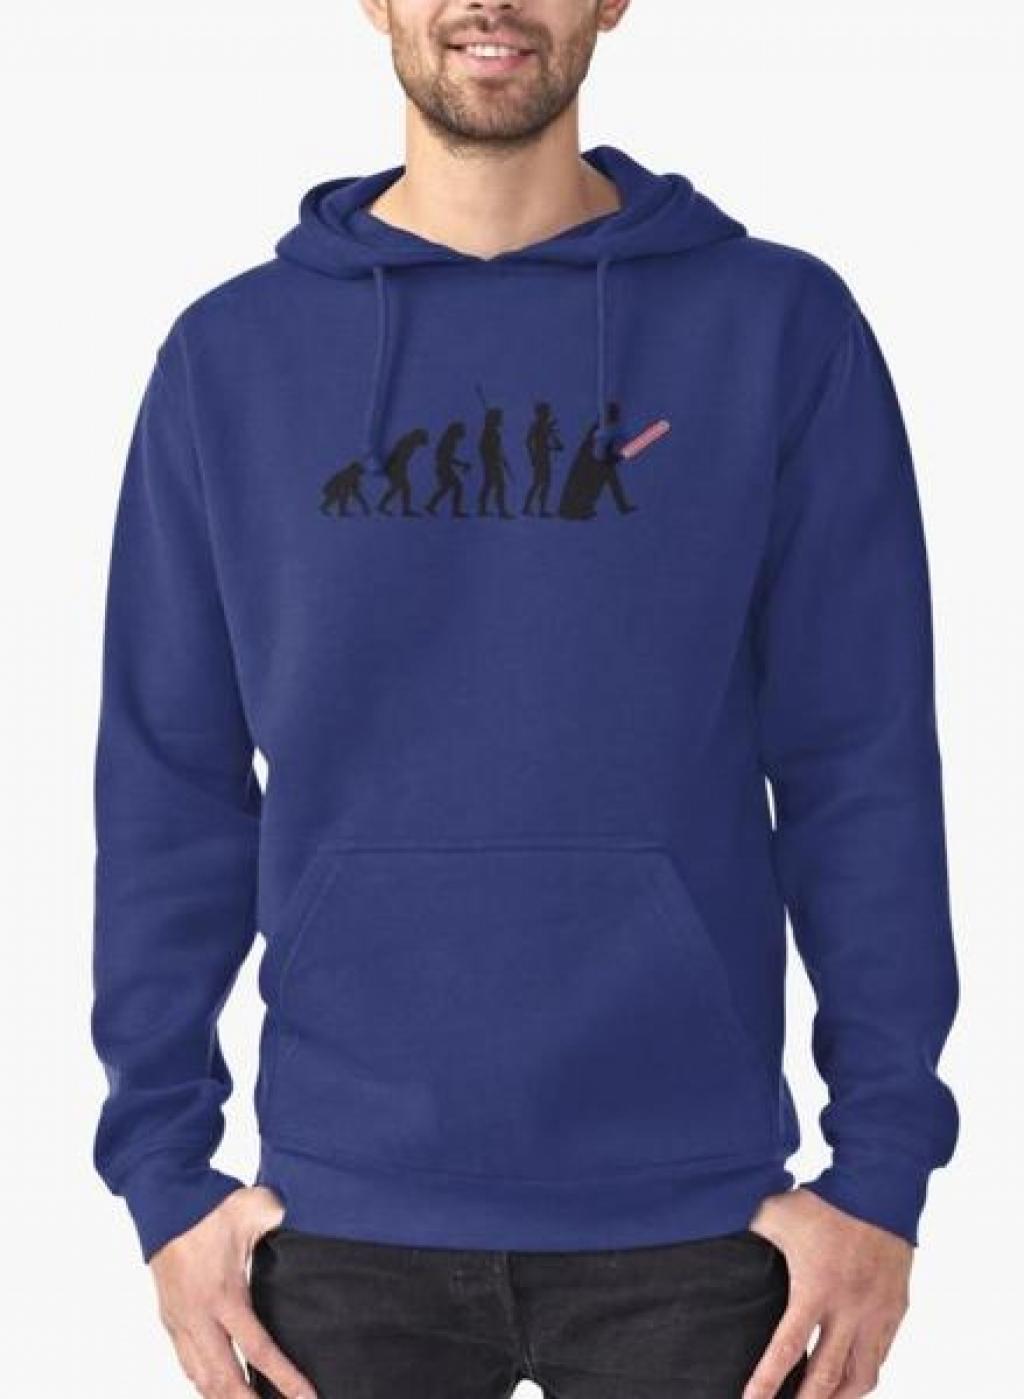 15409112080_imtiaz-ali-hoodie-human-evolution-star-wars-hoodie-blue-1222201638952_grande.jpg